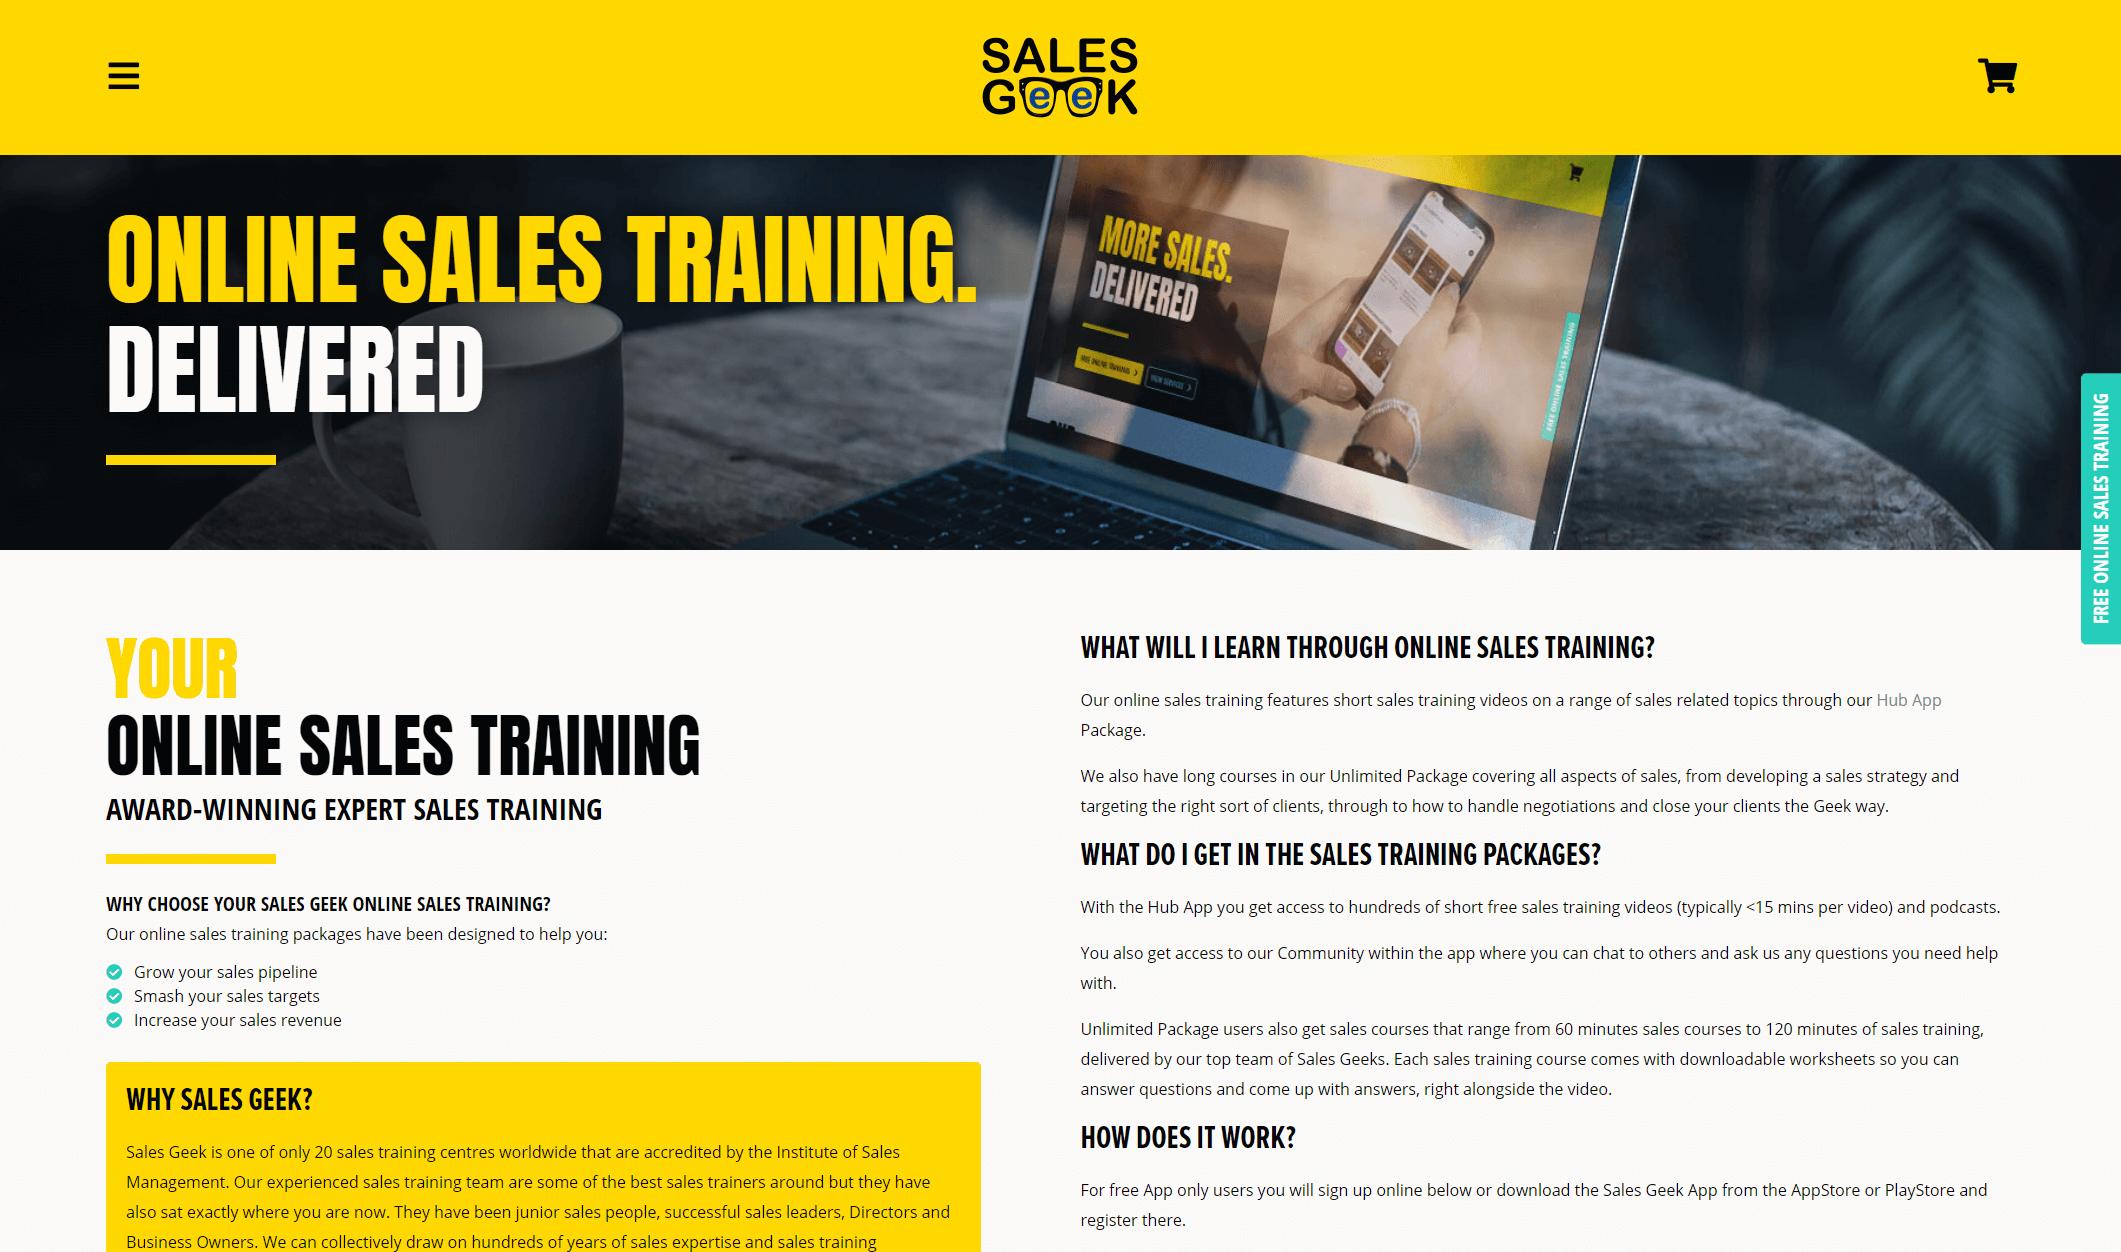 www.salesgeek.co.uk